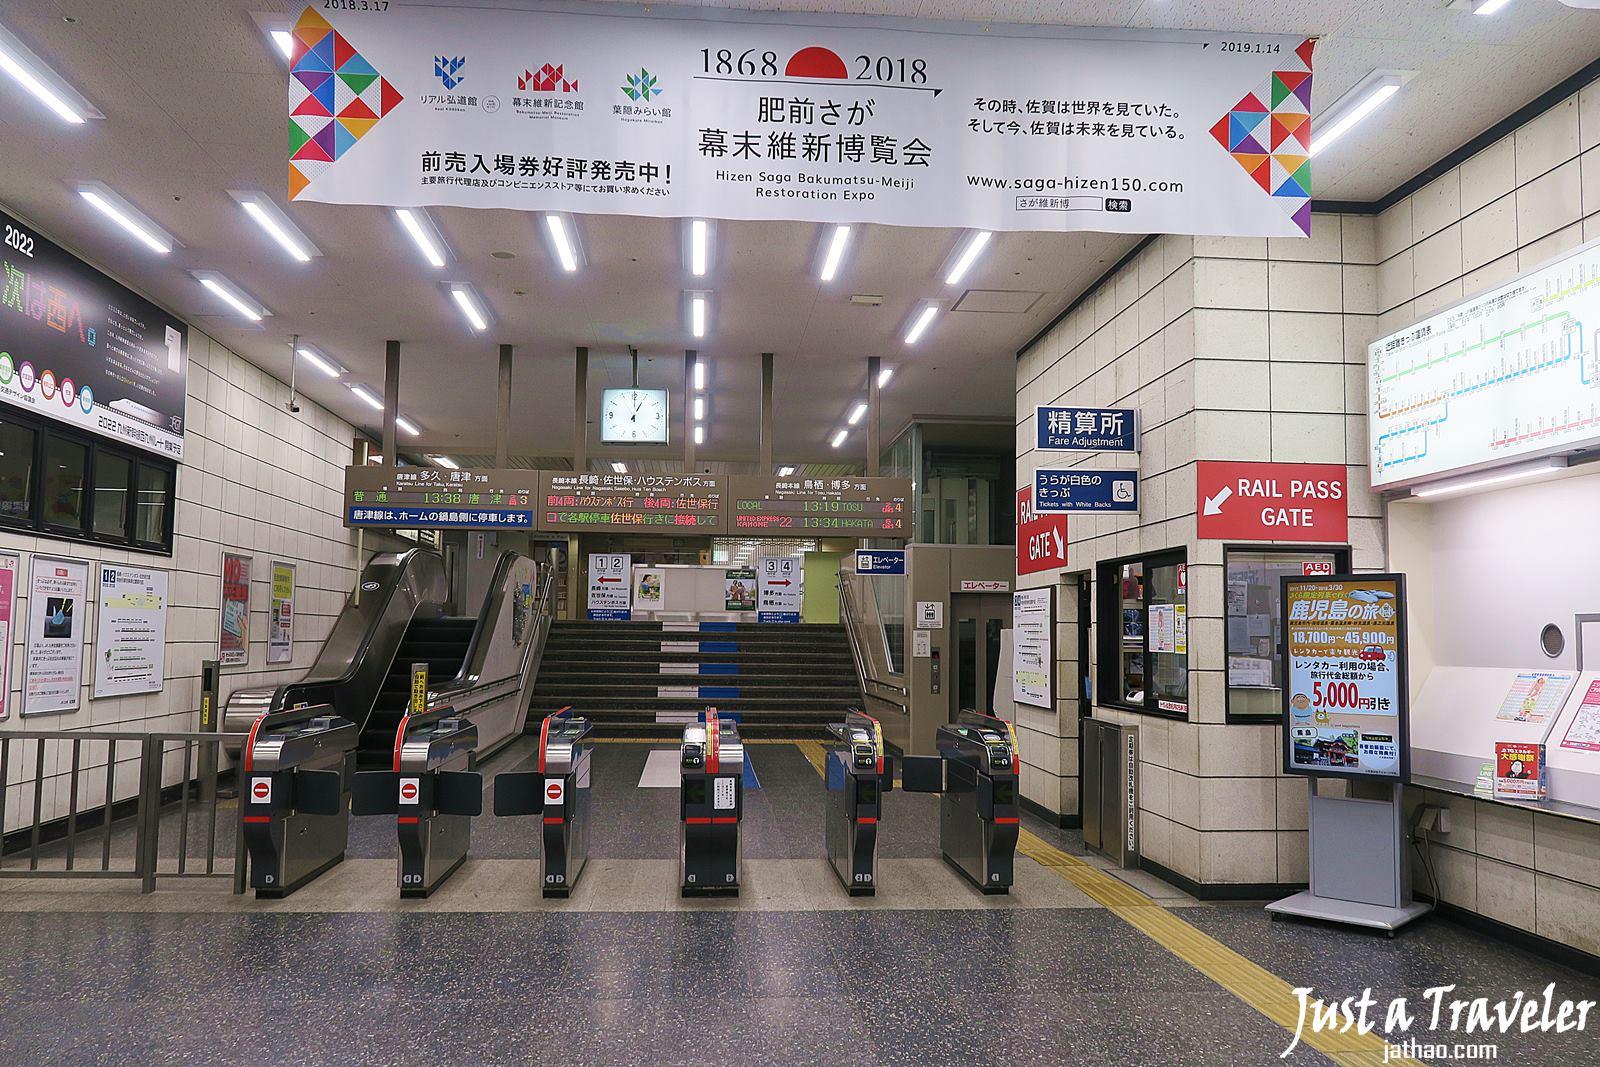 九州-交通-JR-博多車站-佐賀車站-火車-鐵路周遊券-三日券-五日券-北九州-南九州-全九州-Pass-觀光-特色列車-推薦-自由行-攻略-旅遊-日本-JR-Kyushu-Railway-3-5-Day-Pass-Japan